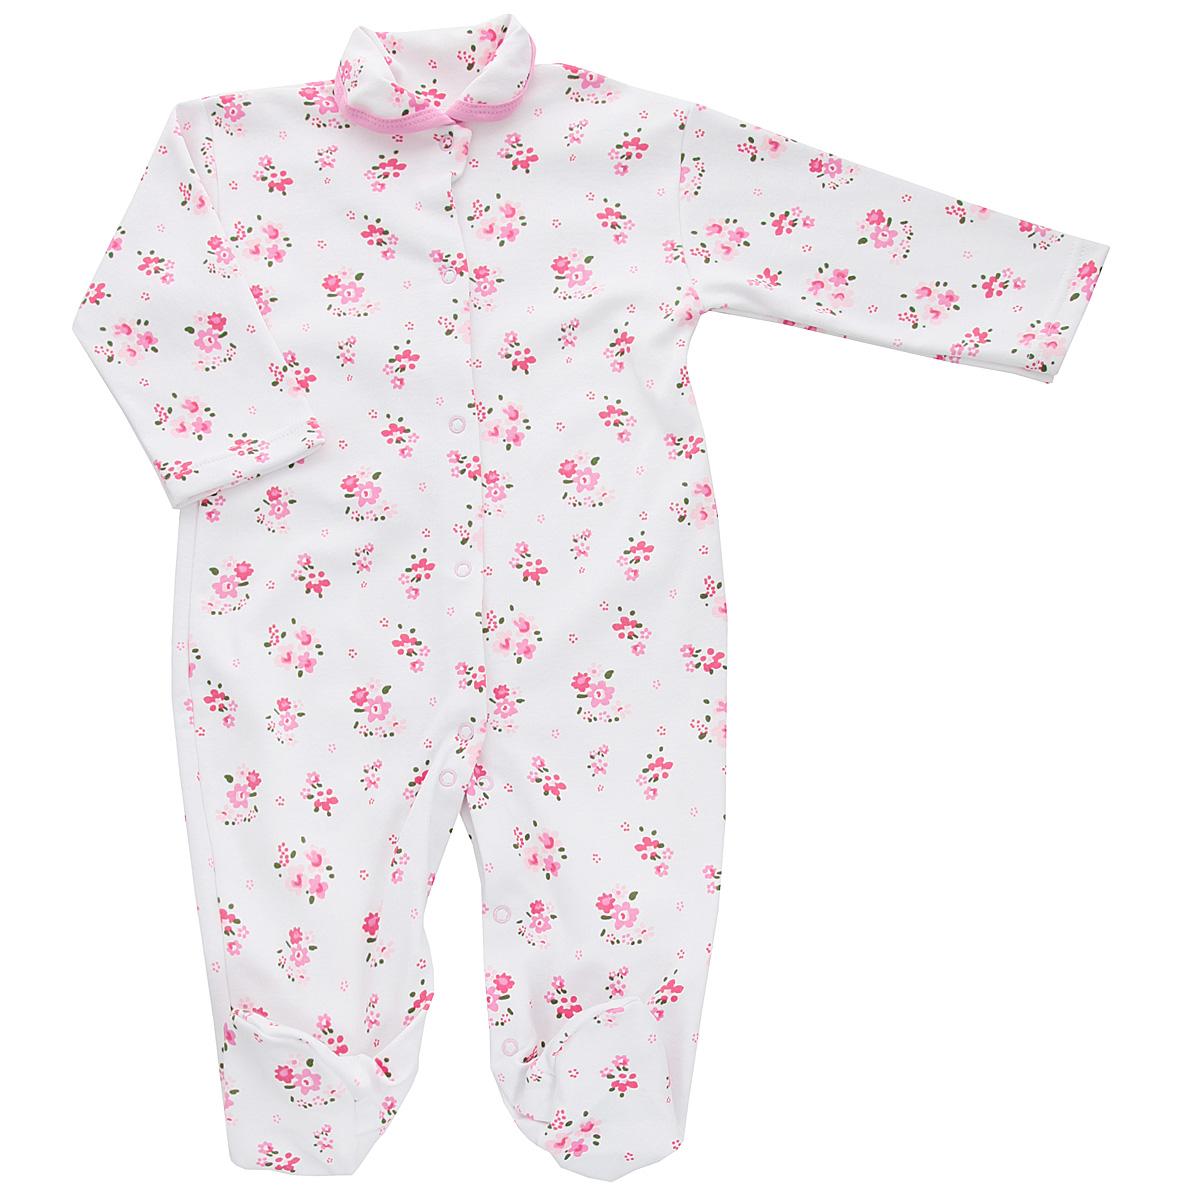 Комбинезон для девочки Трон-плюс, цвет: белый, розовый. 5815_цветы. Размер 56, 1 месяц5815_цветыКомбинезон для девочки Трон-Плюс - очень удобный и практичный вид одежды для малышей. Комбинезон выполнен из интерлока - натурального хлопка, благодаря чему он необычайно мягкий и приятный на ощупь, не раздражает нежную кожу ребенка, и хорошо вентилируются, а эластичные швы приятны телу малышки и не препятствуют ее движениям. Комбинезон с длинными рукавами, закрытыми ножками и отложным воротничком имеет застежки-кнопки от горловины до щиколоток, которые помогают легко переодеть младенца или сменить подгузник. Воротник по краю дополнен контрастной бейкой. Оформлено изделие ненавязчивым цветочным принтом. С детским комбинезоном спинка и ножки вашей малышки всегда будут в тепле, он идеален для использования днем и незаменим ночью. Комбинезон полностью соответствует особенностям жизни младенца в ранний период, не стесняя и не ограничивая его в движениях!